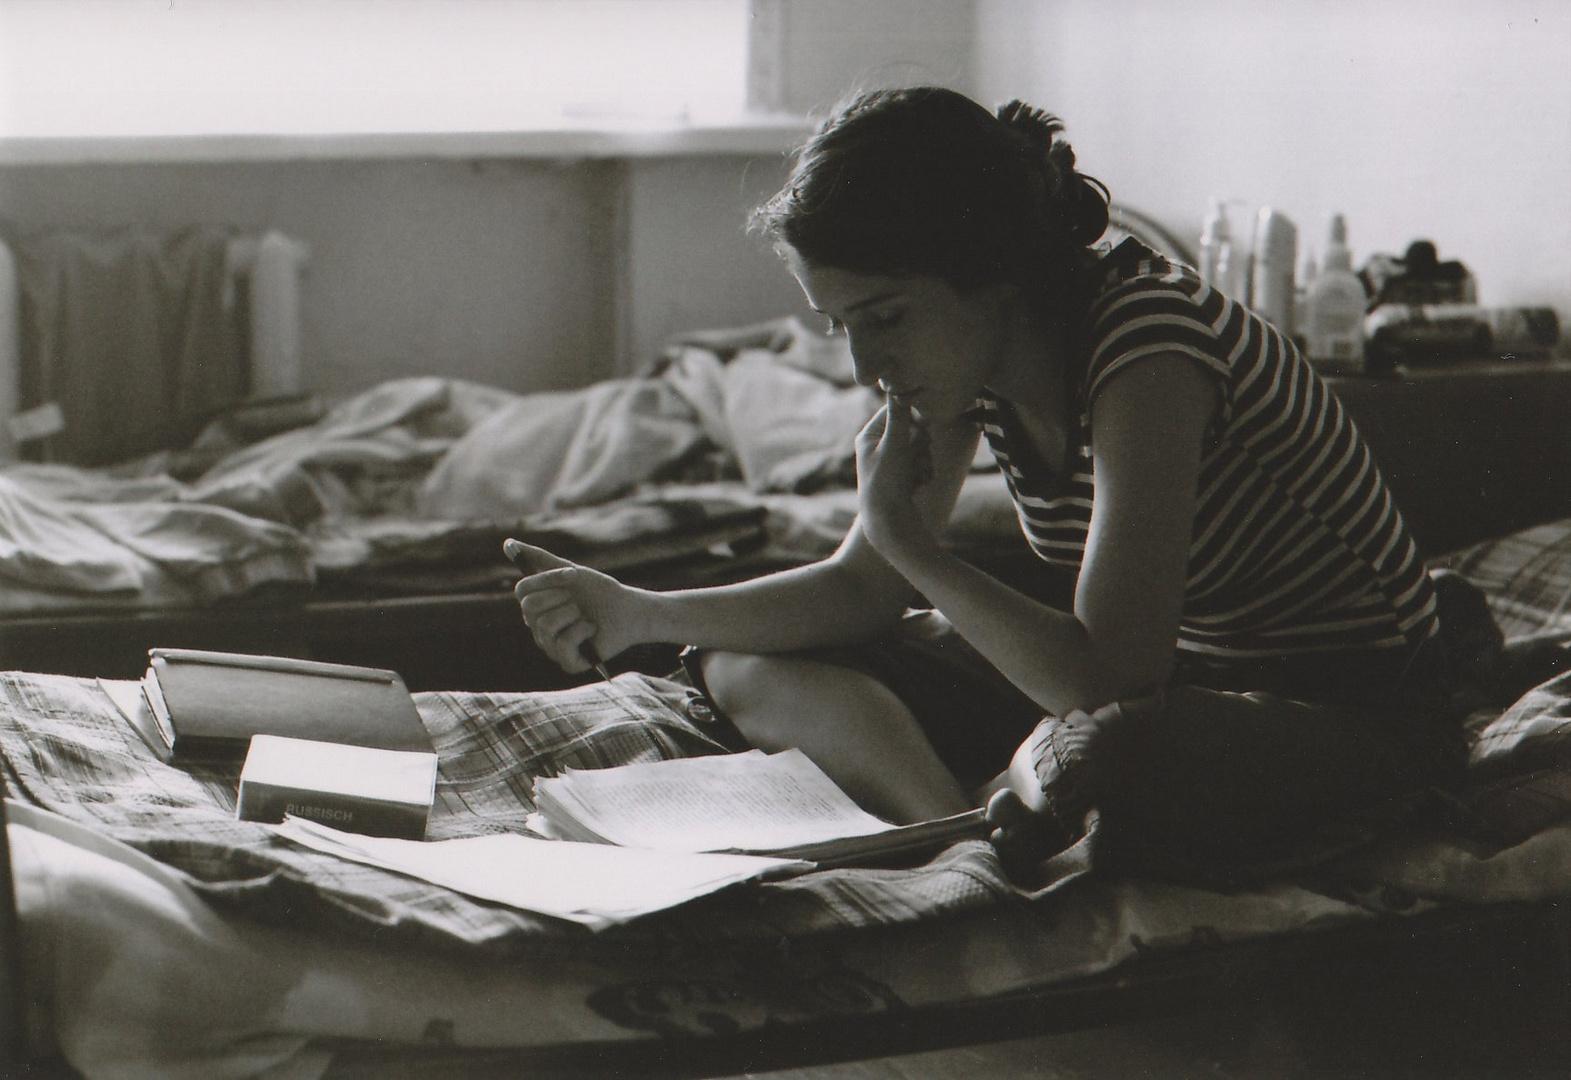 Sofie studies